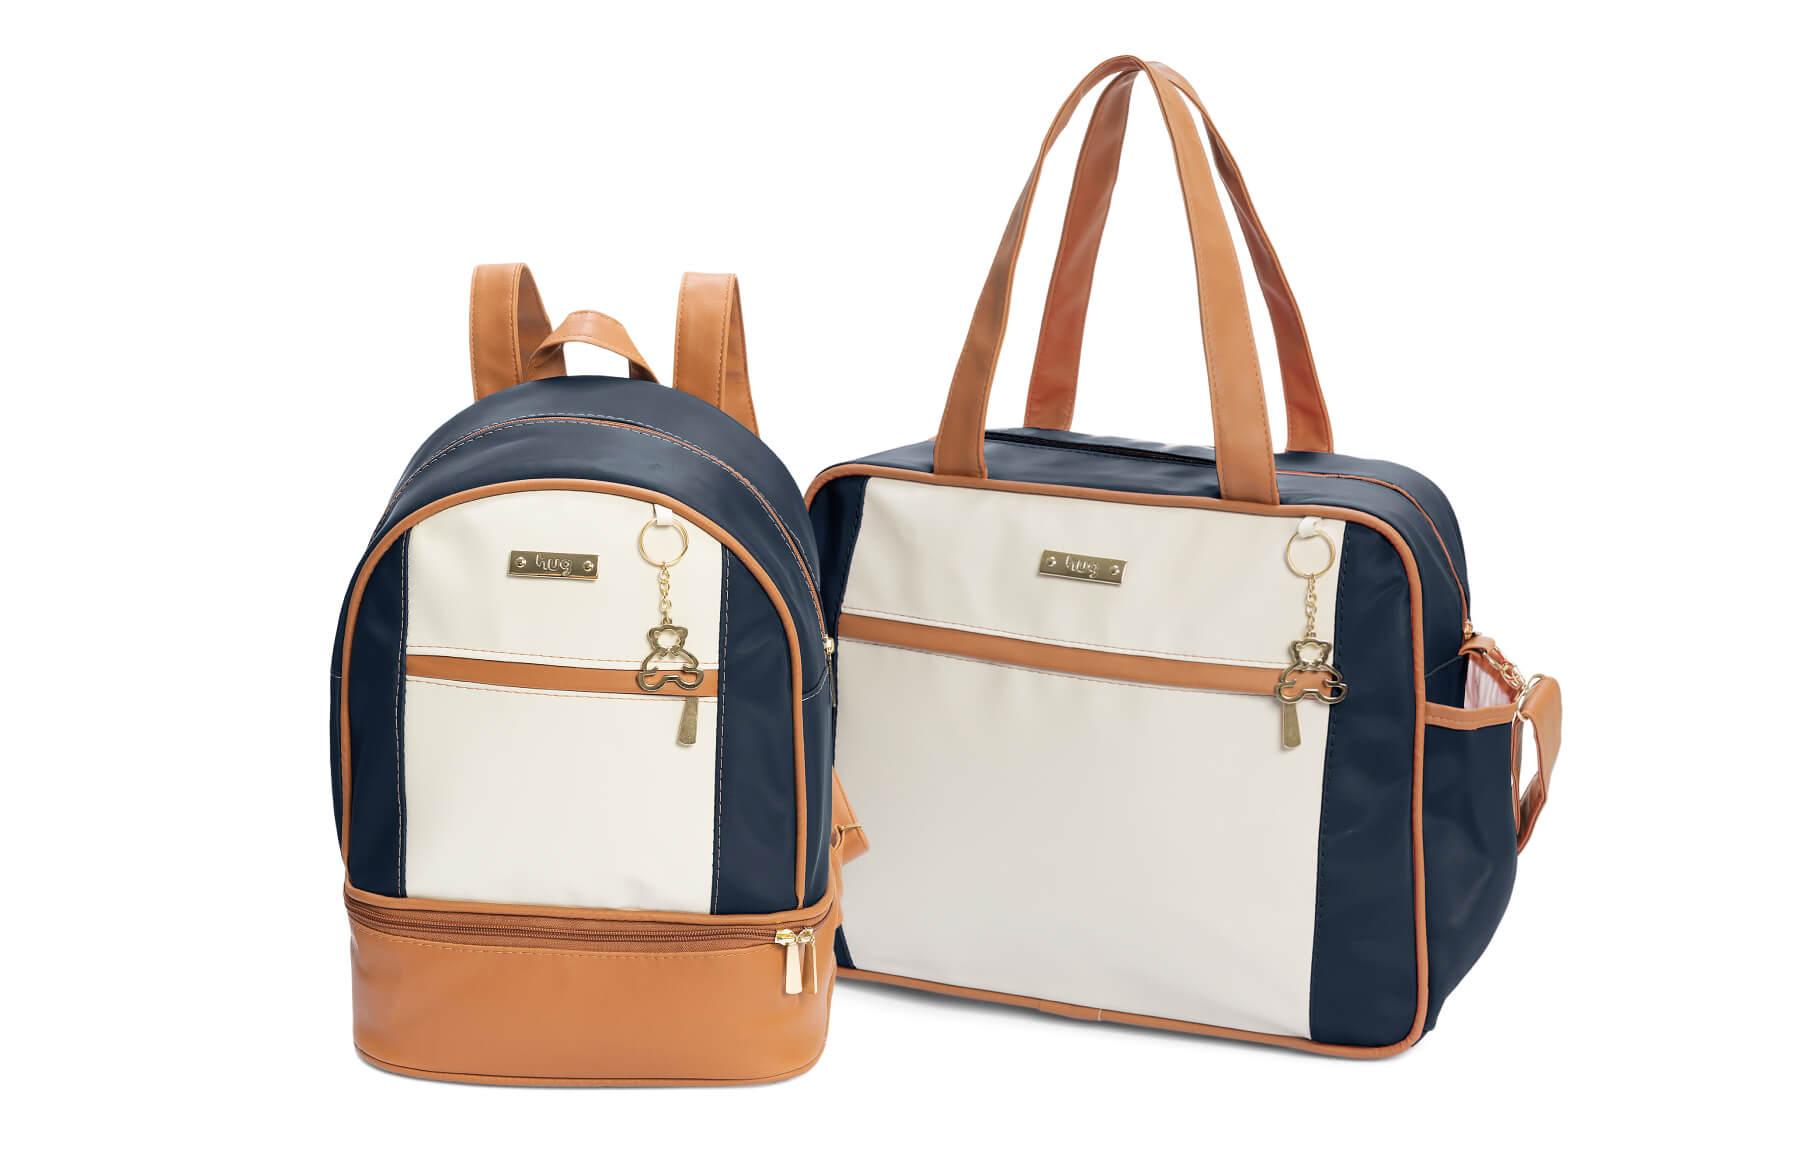 Kit de bolsas 2 peças linha Dublin cor azul marinho